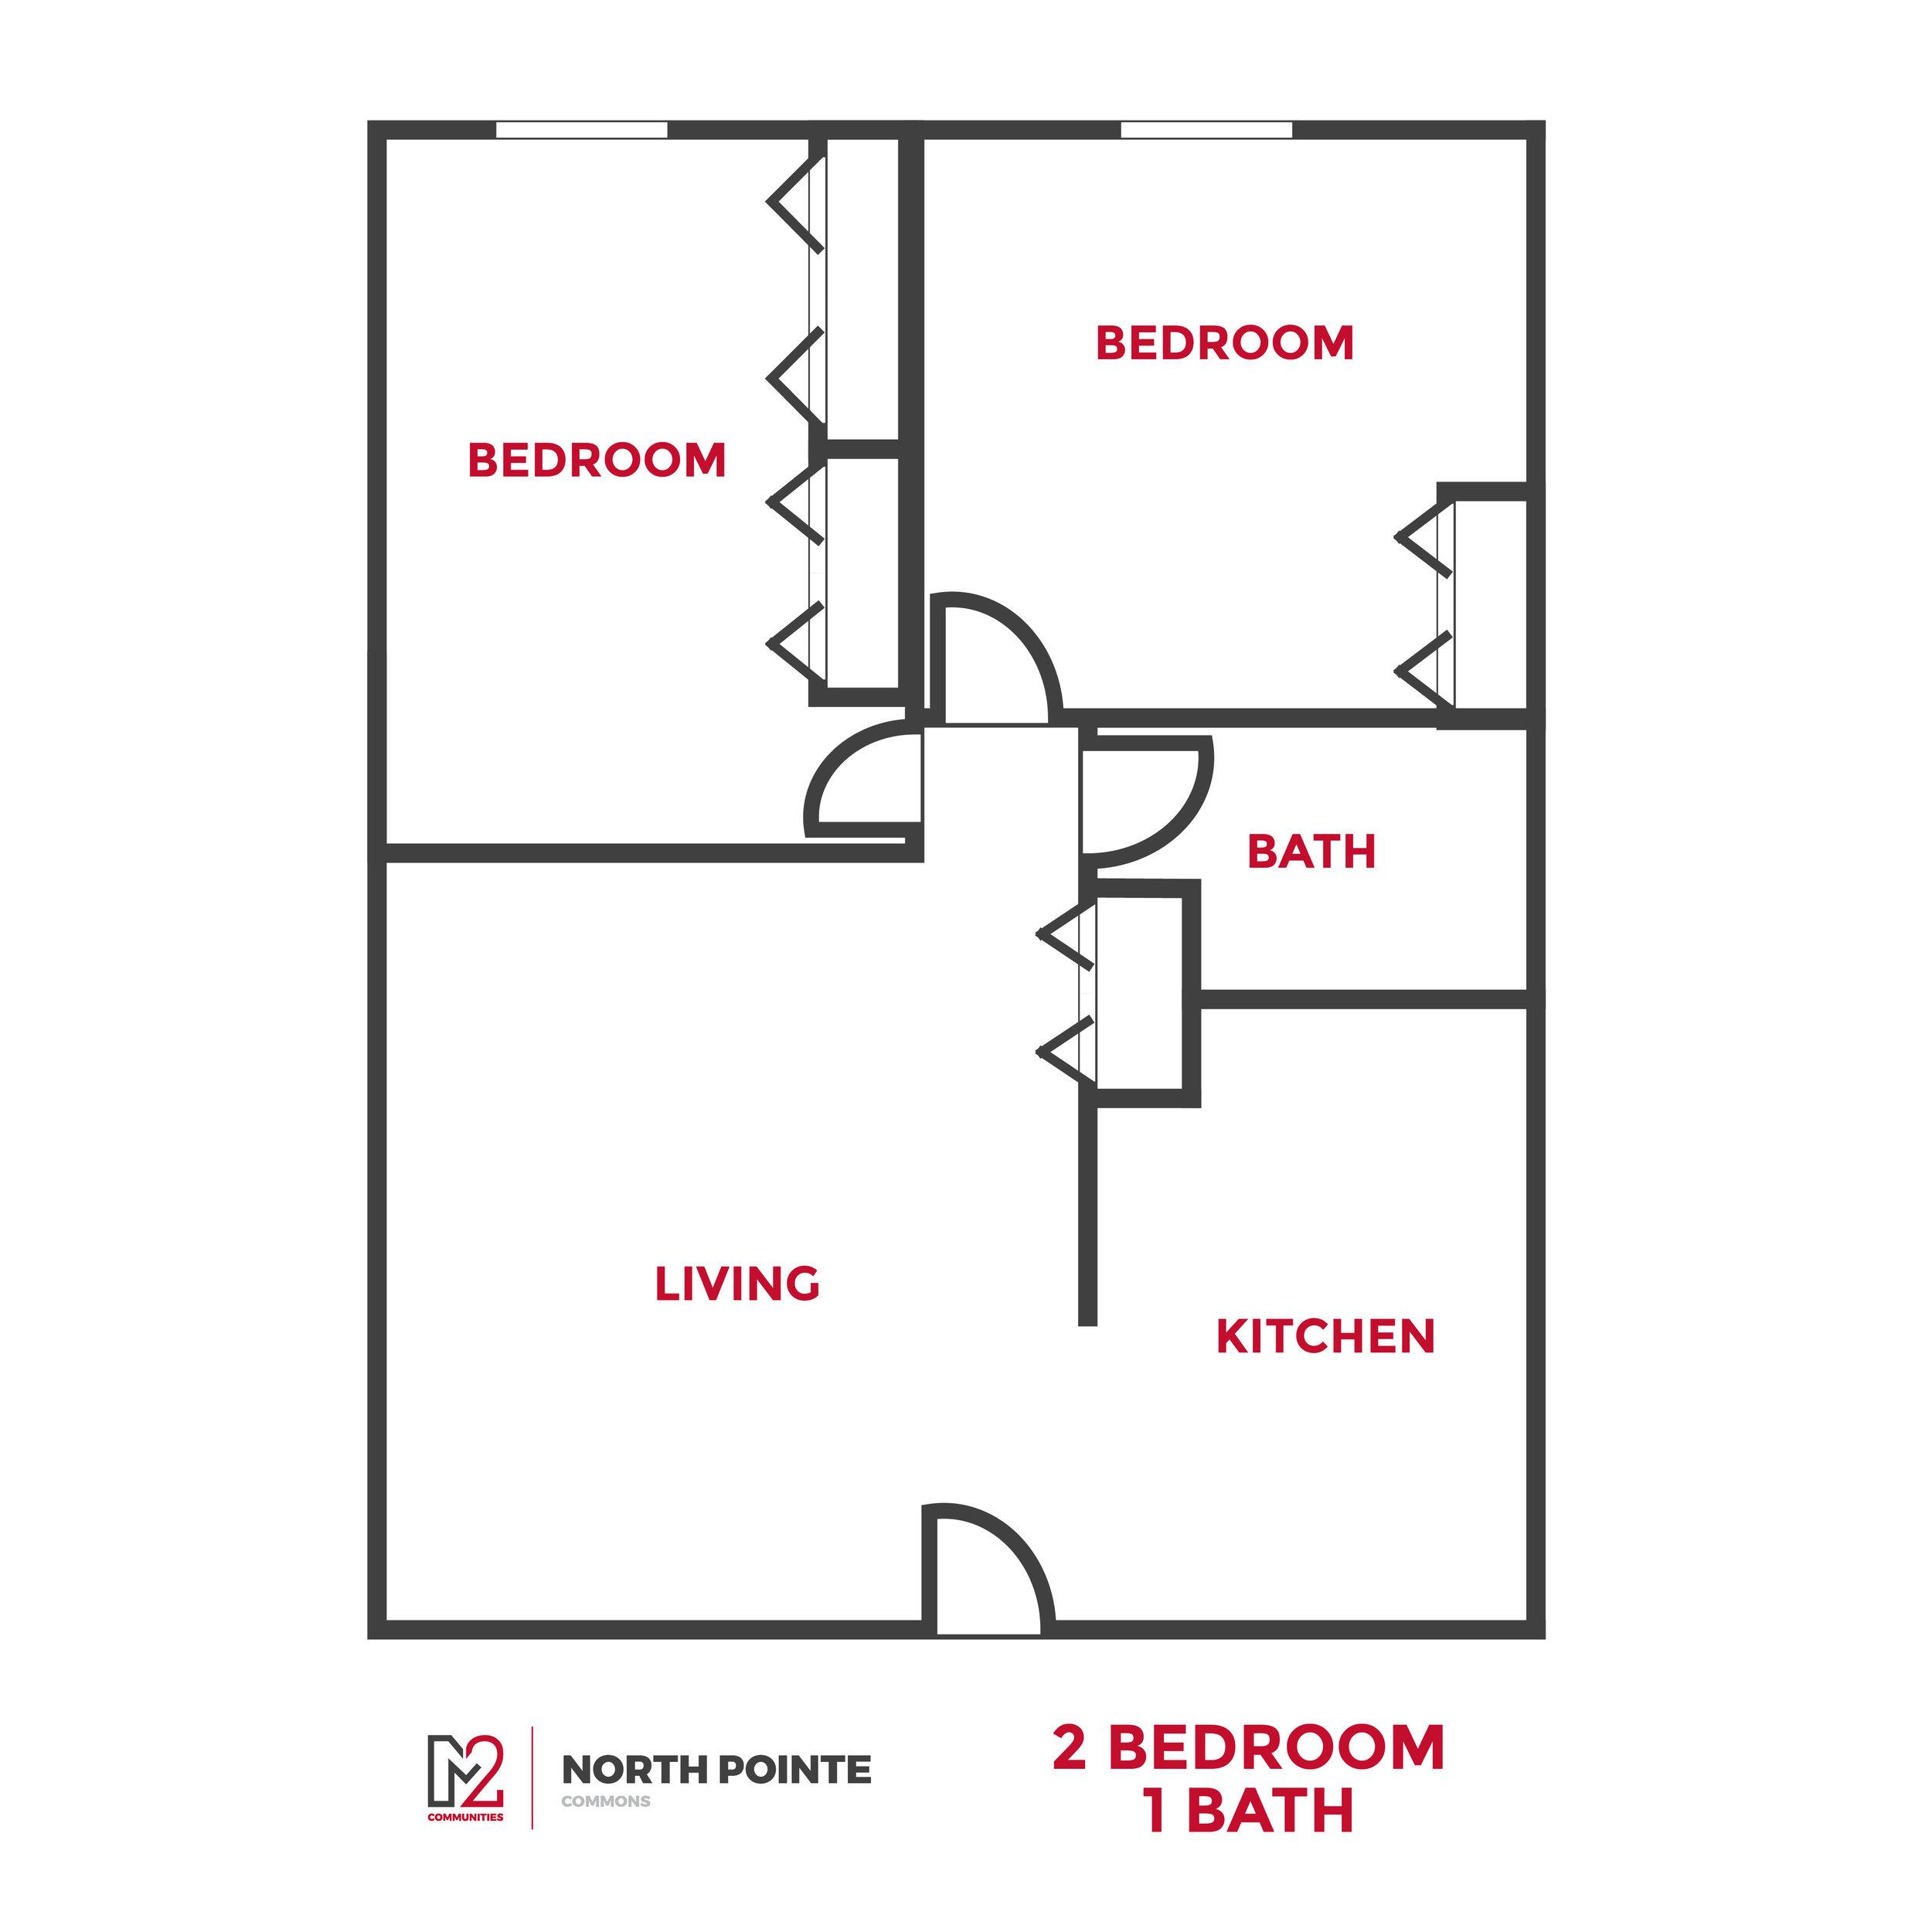 M2_NorthPointe_Floorplans-10.jpg